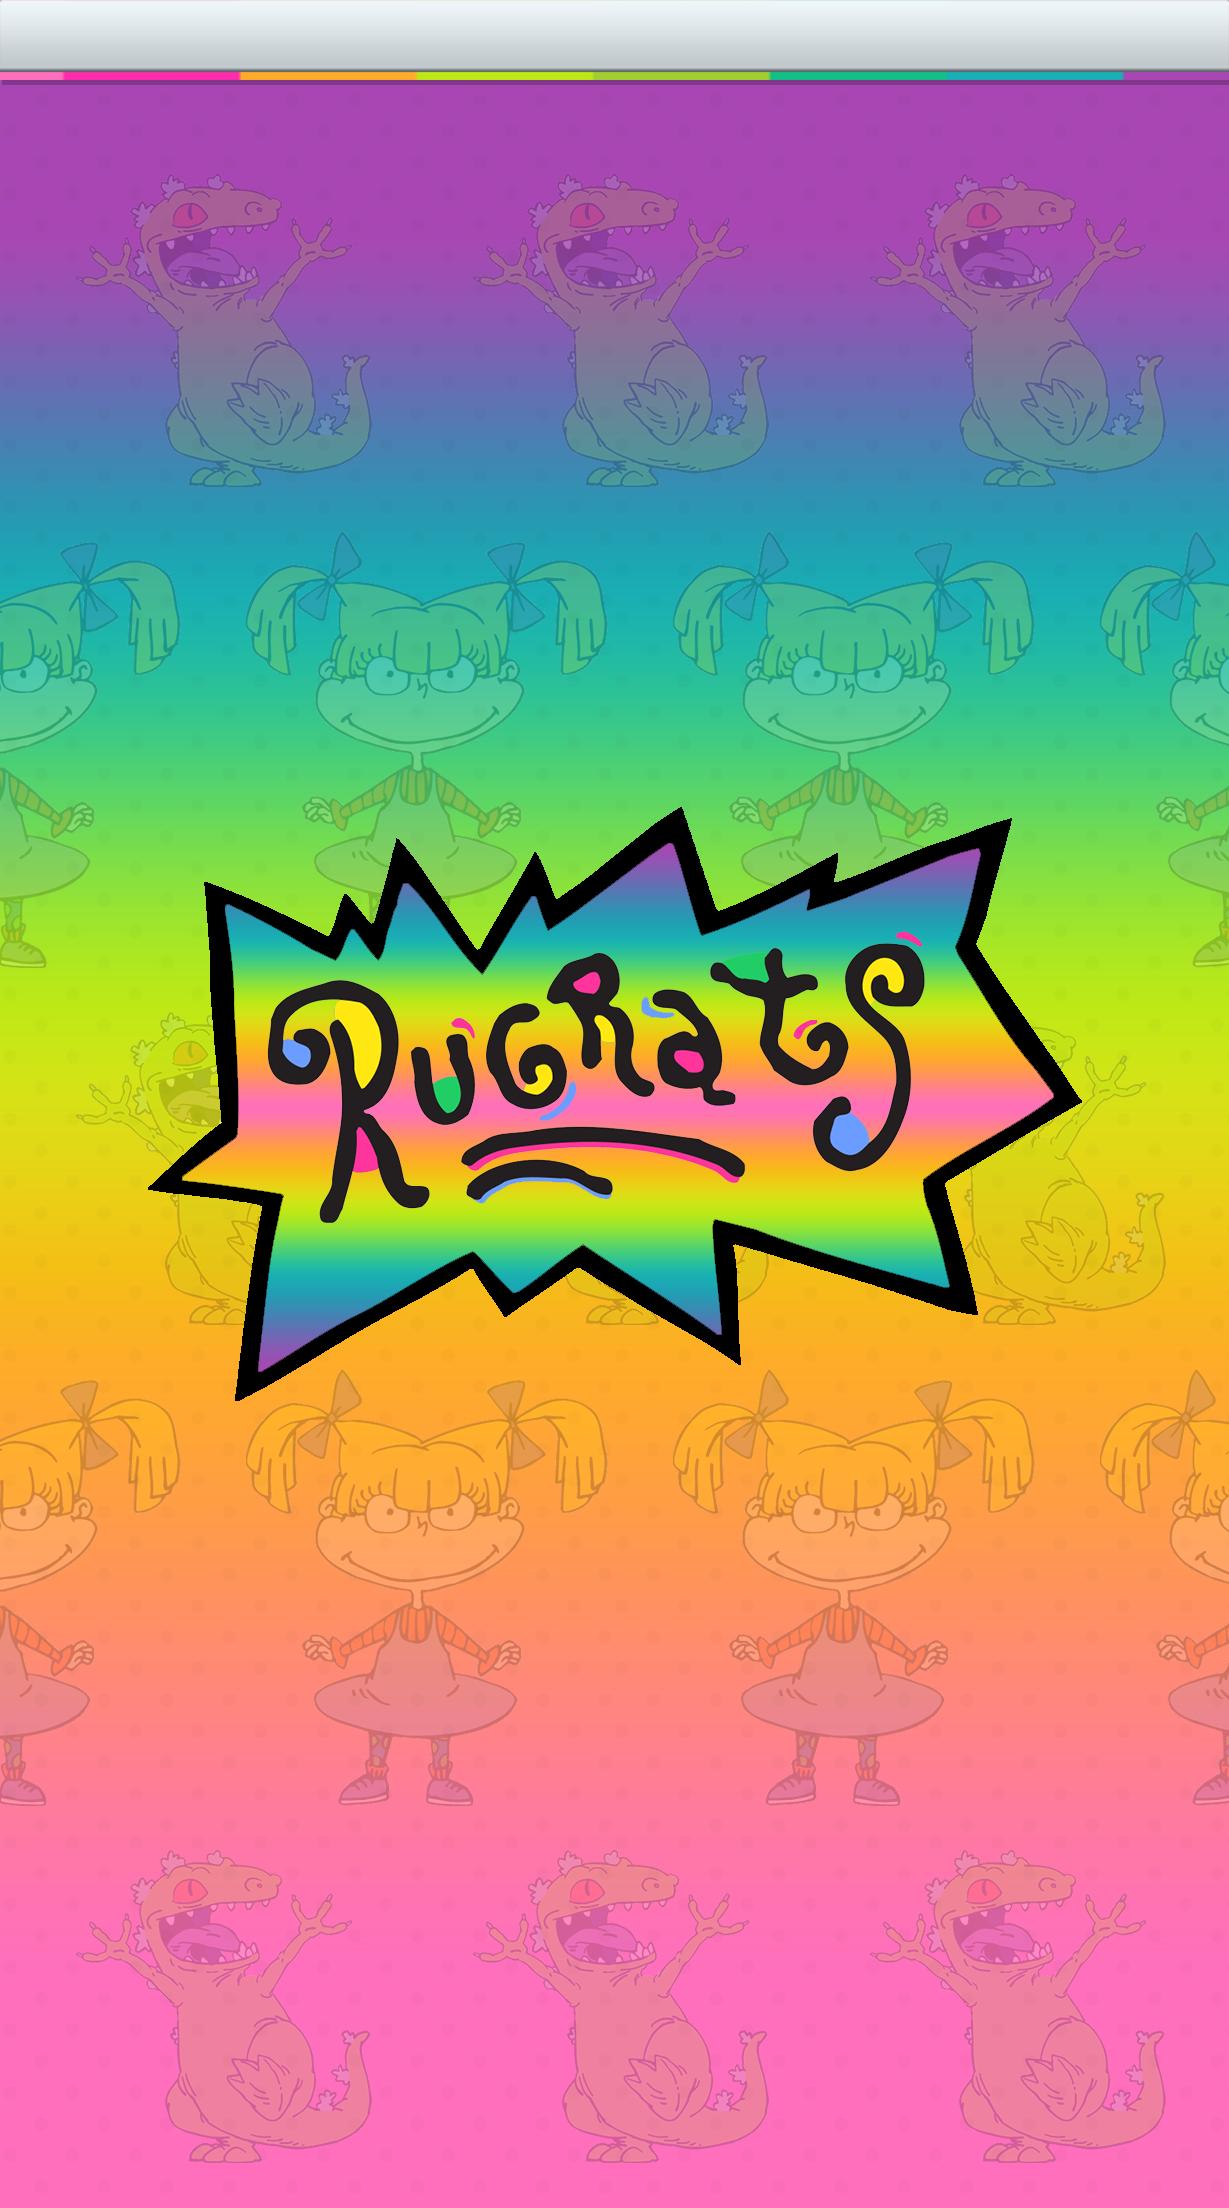 Rugrats Wallpaper